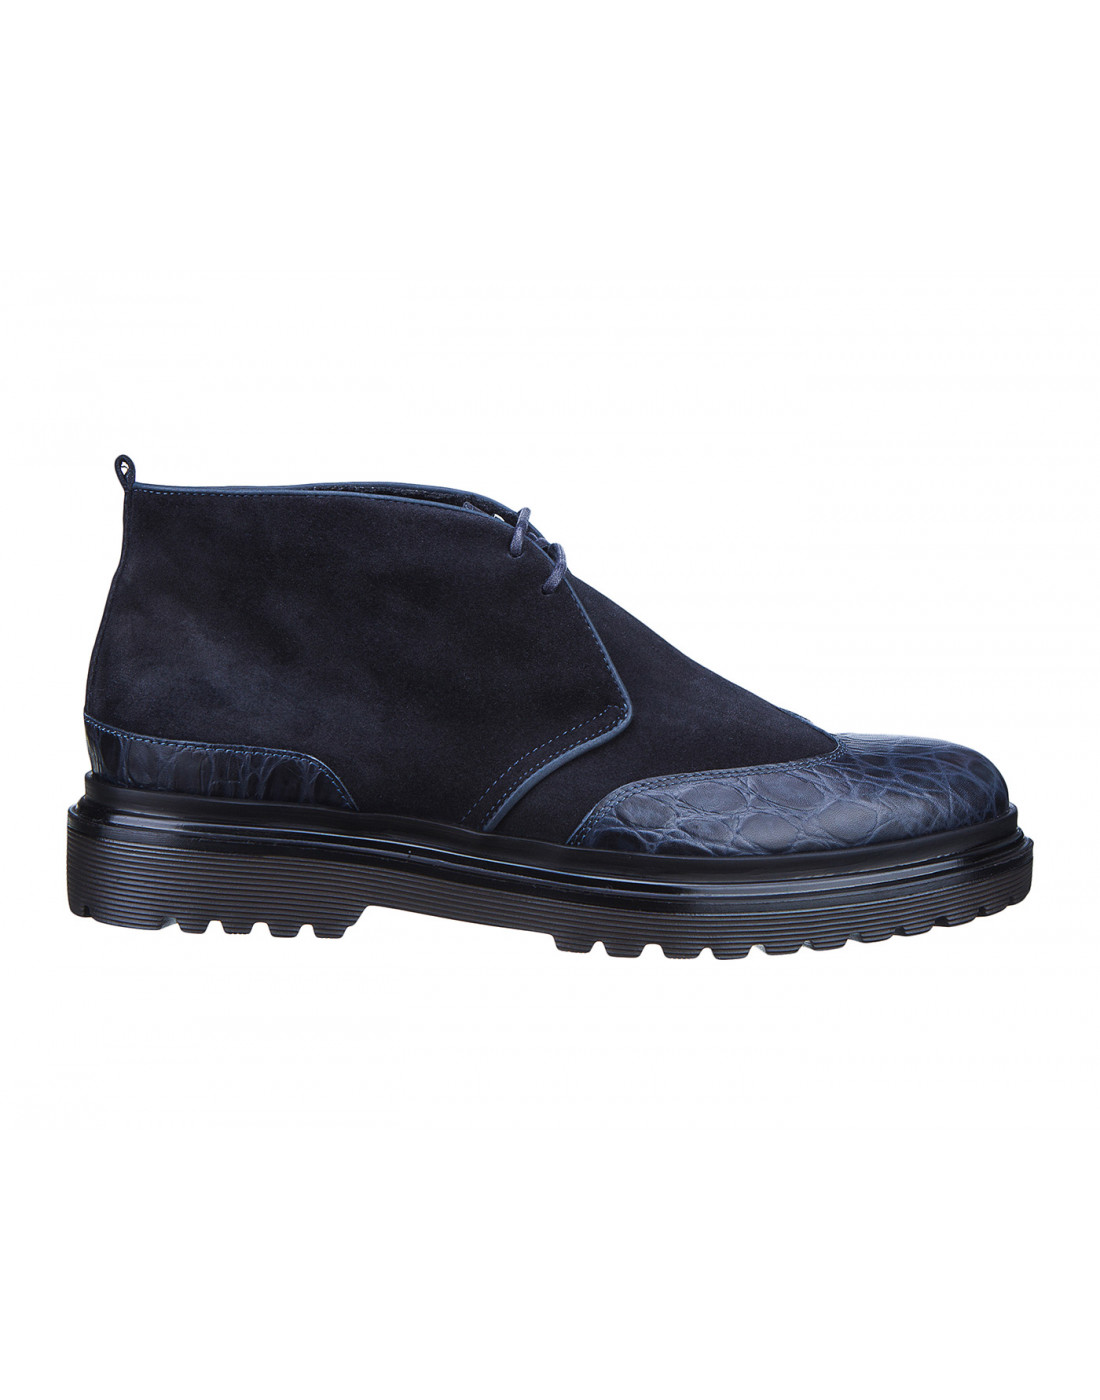 Ботинки синие мужские A.Guardiani S77519-1